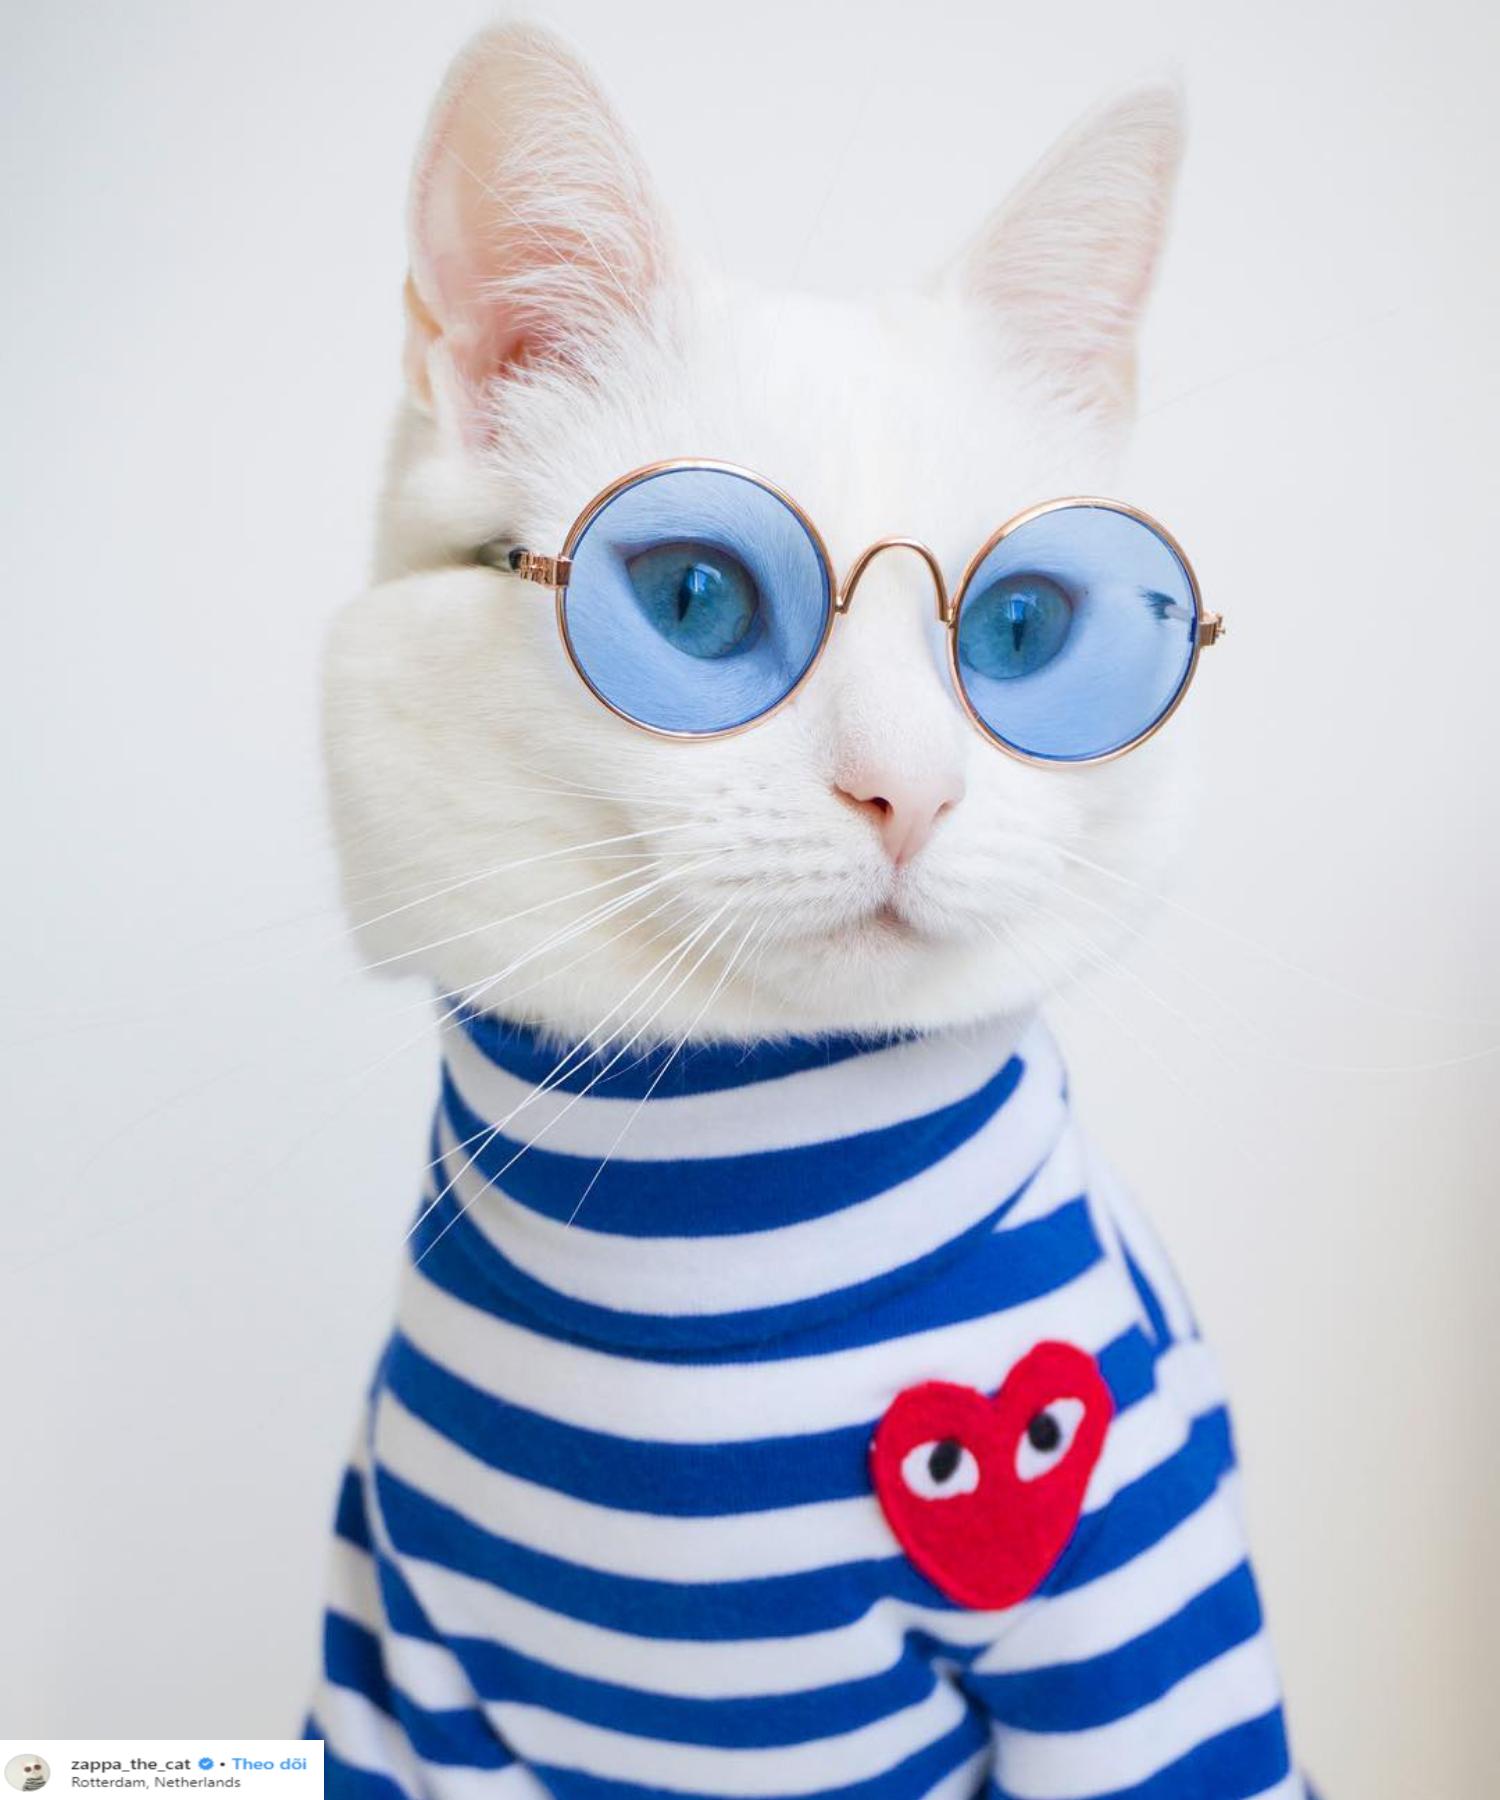 mèo zappa mặc áo kẻ ngang và mắt kính xanh